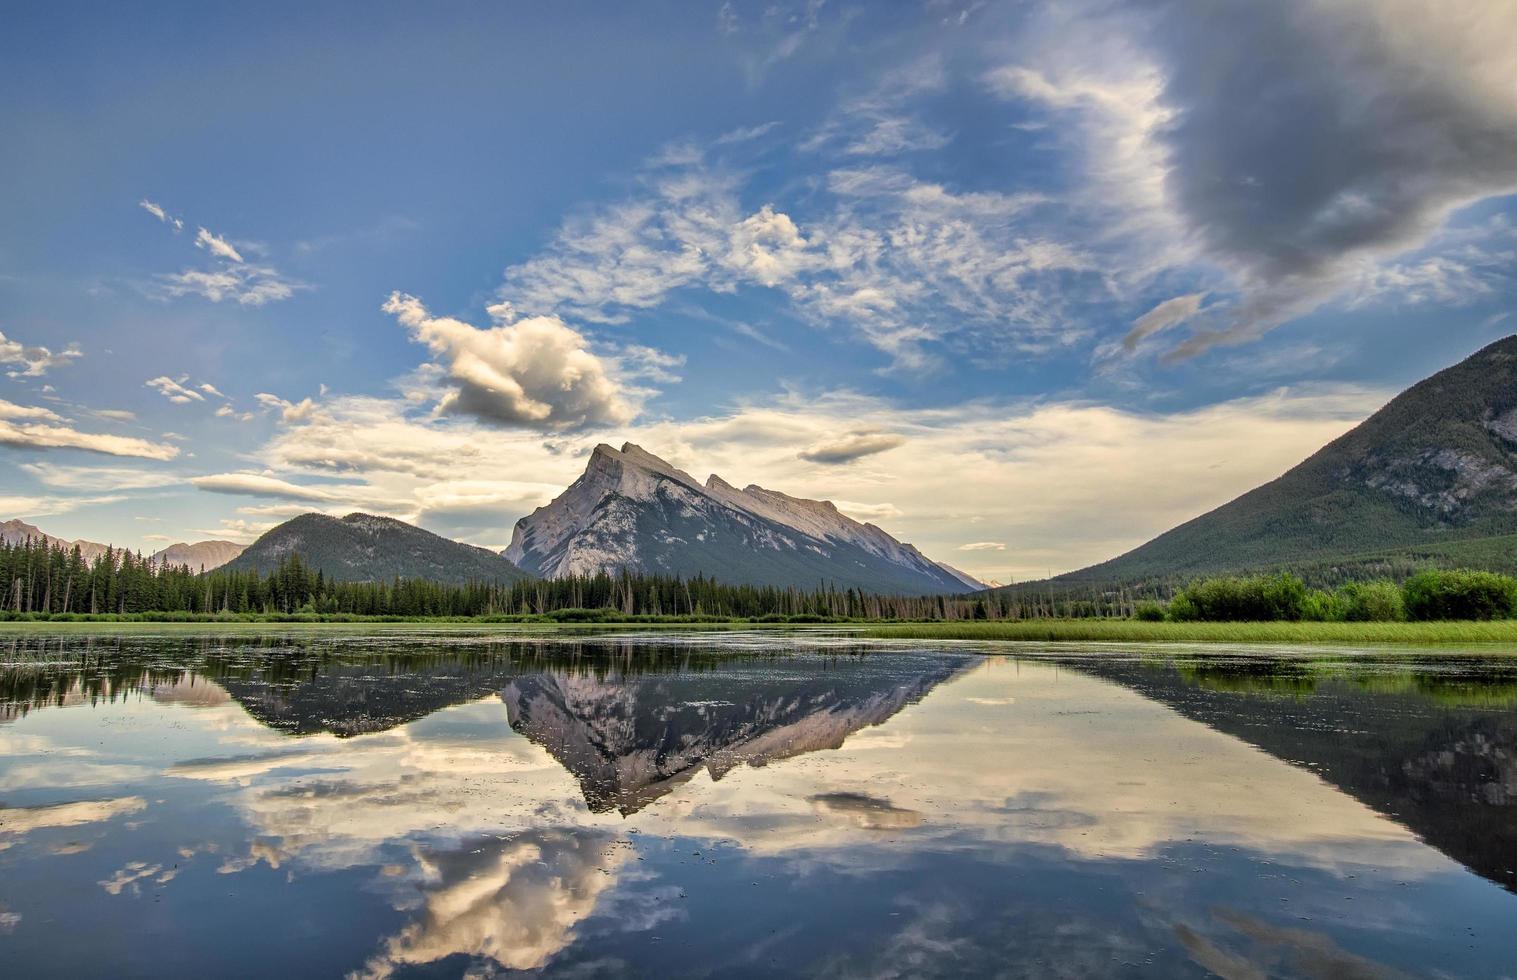 parc national de banff au canada photo